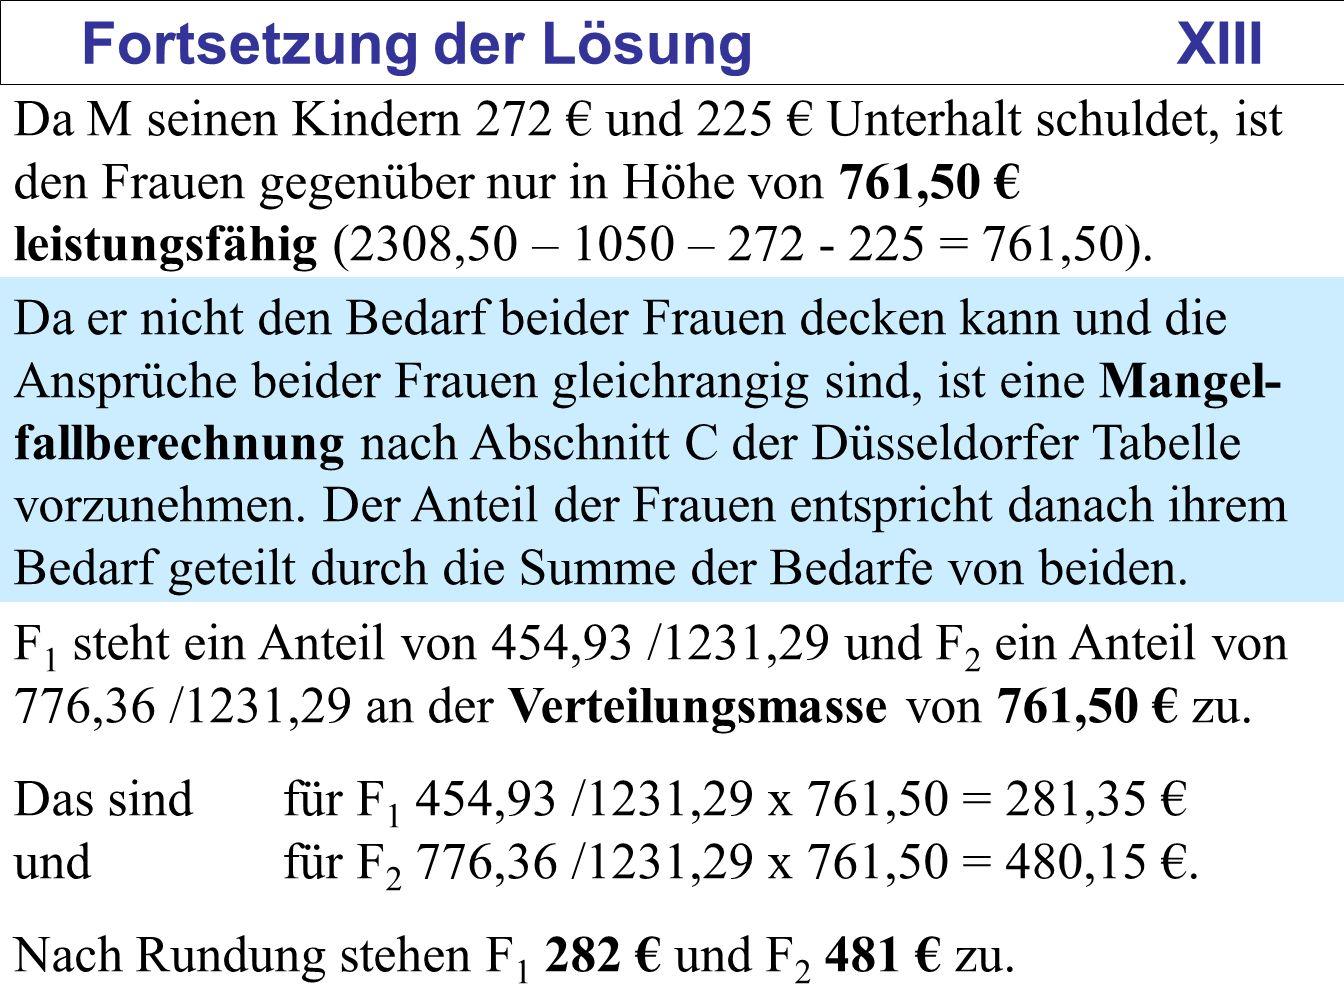 160 Fortsetzung der Lösung XIII Da M seinen Kindern 272 und 225 Unterhalt schuldet, ist den Frauen gegenüber nur in Höhe von 761,50 leistungsfähig (23